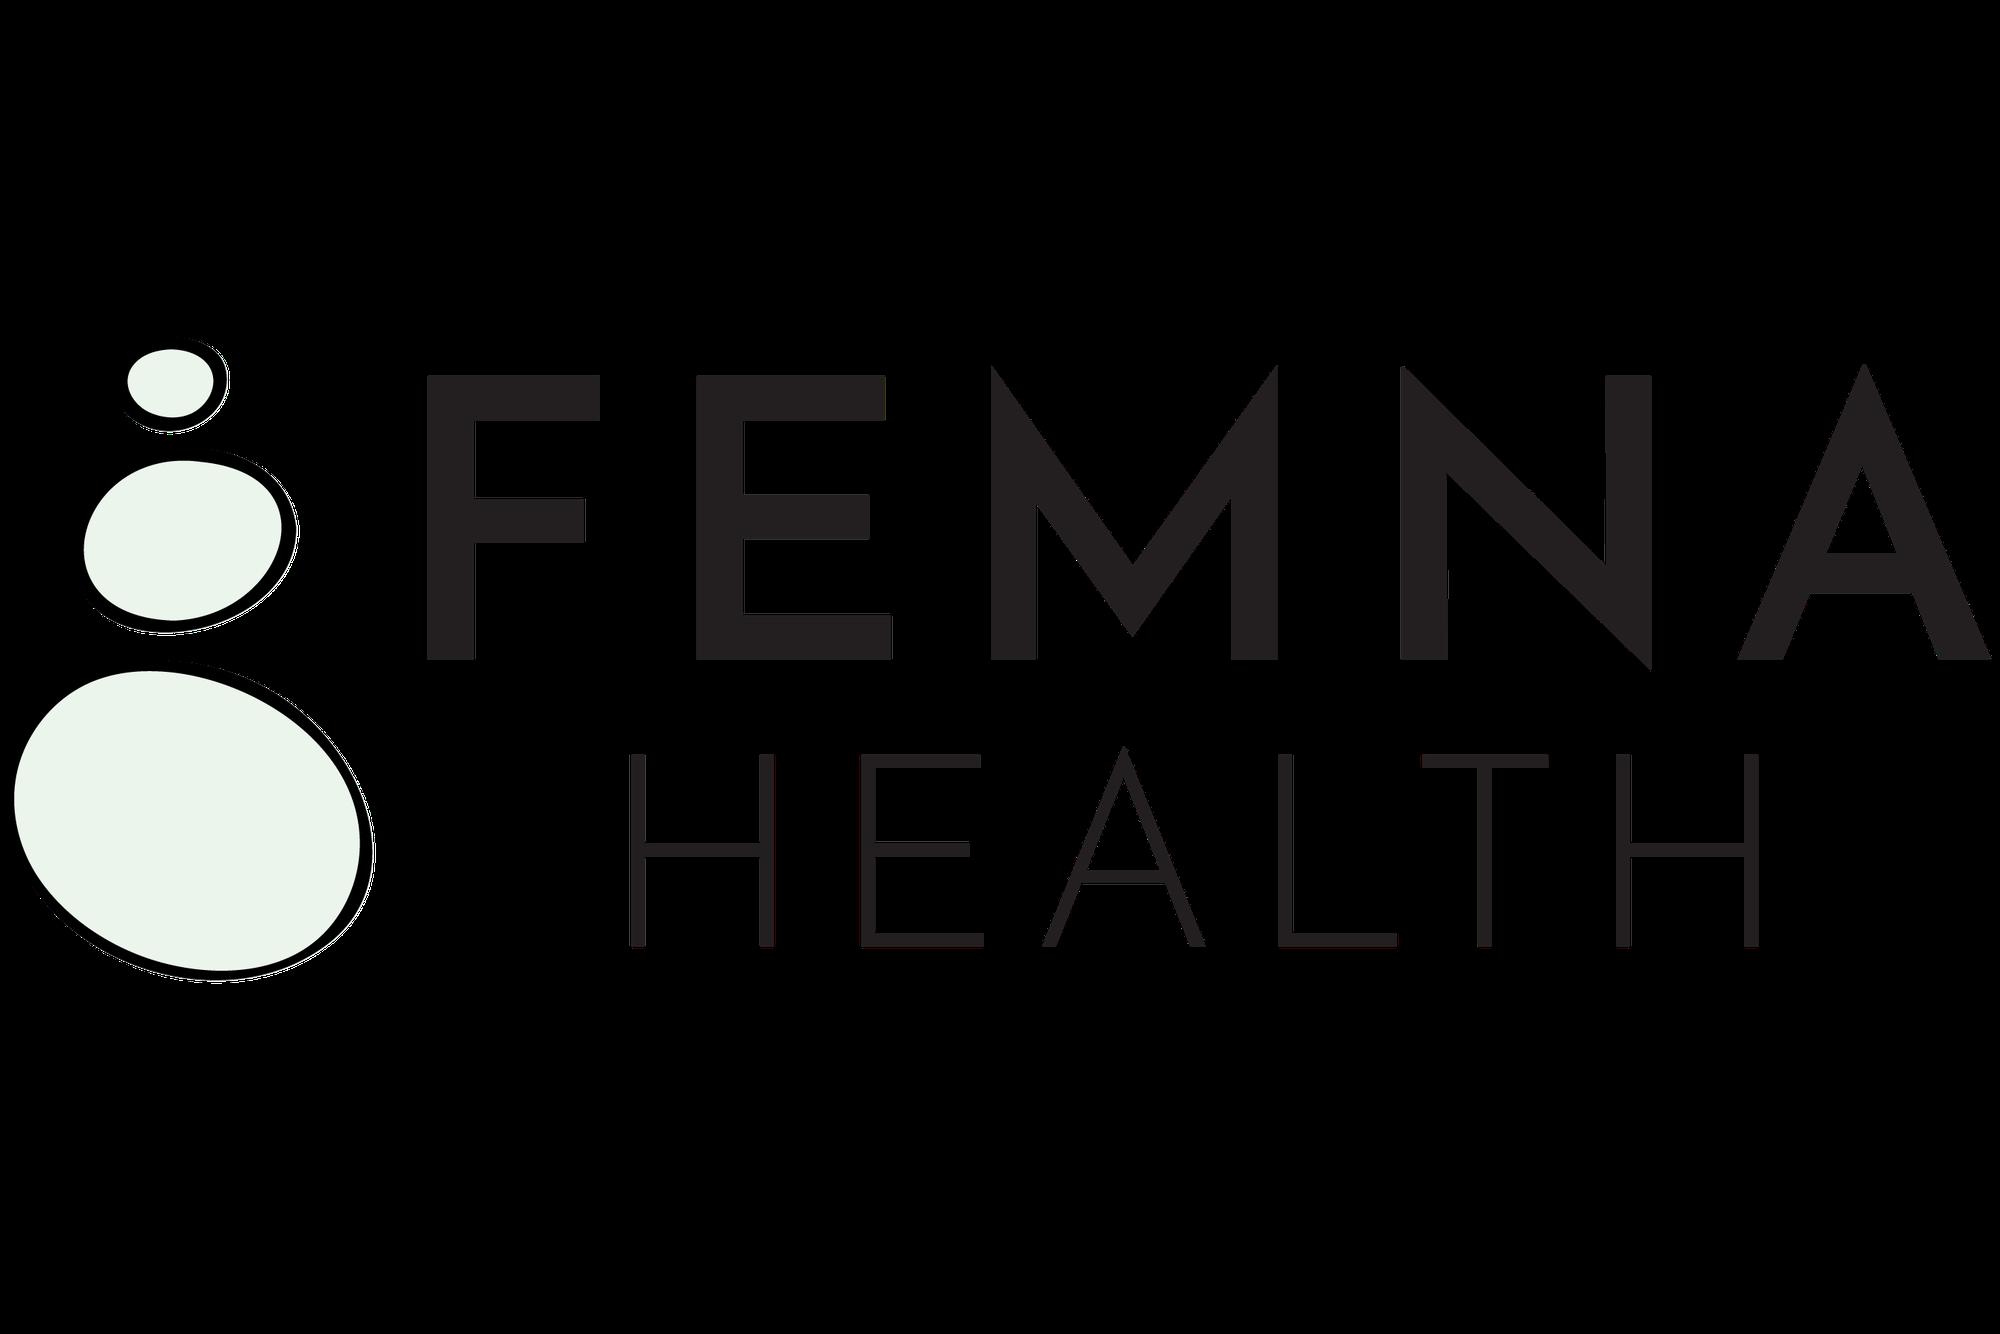 Interview: Femna Health